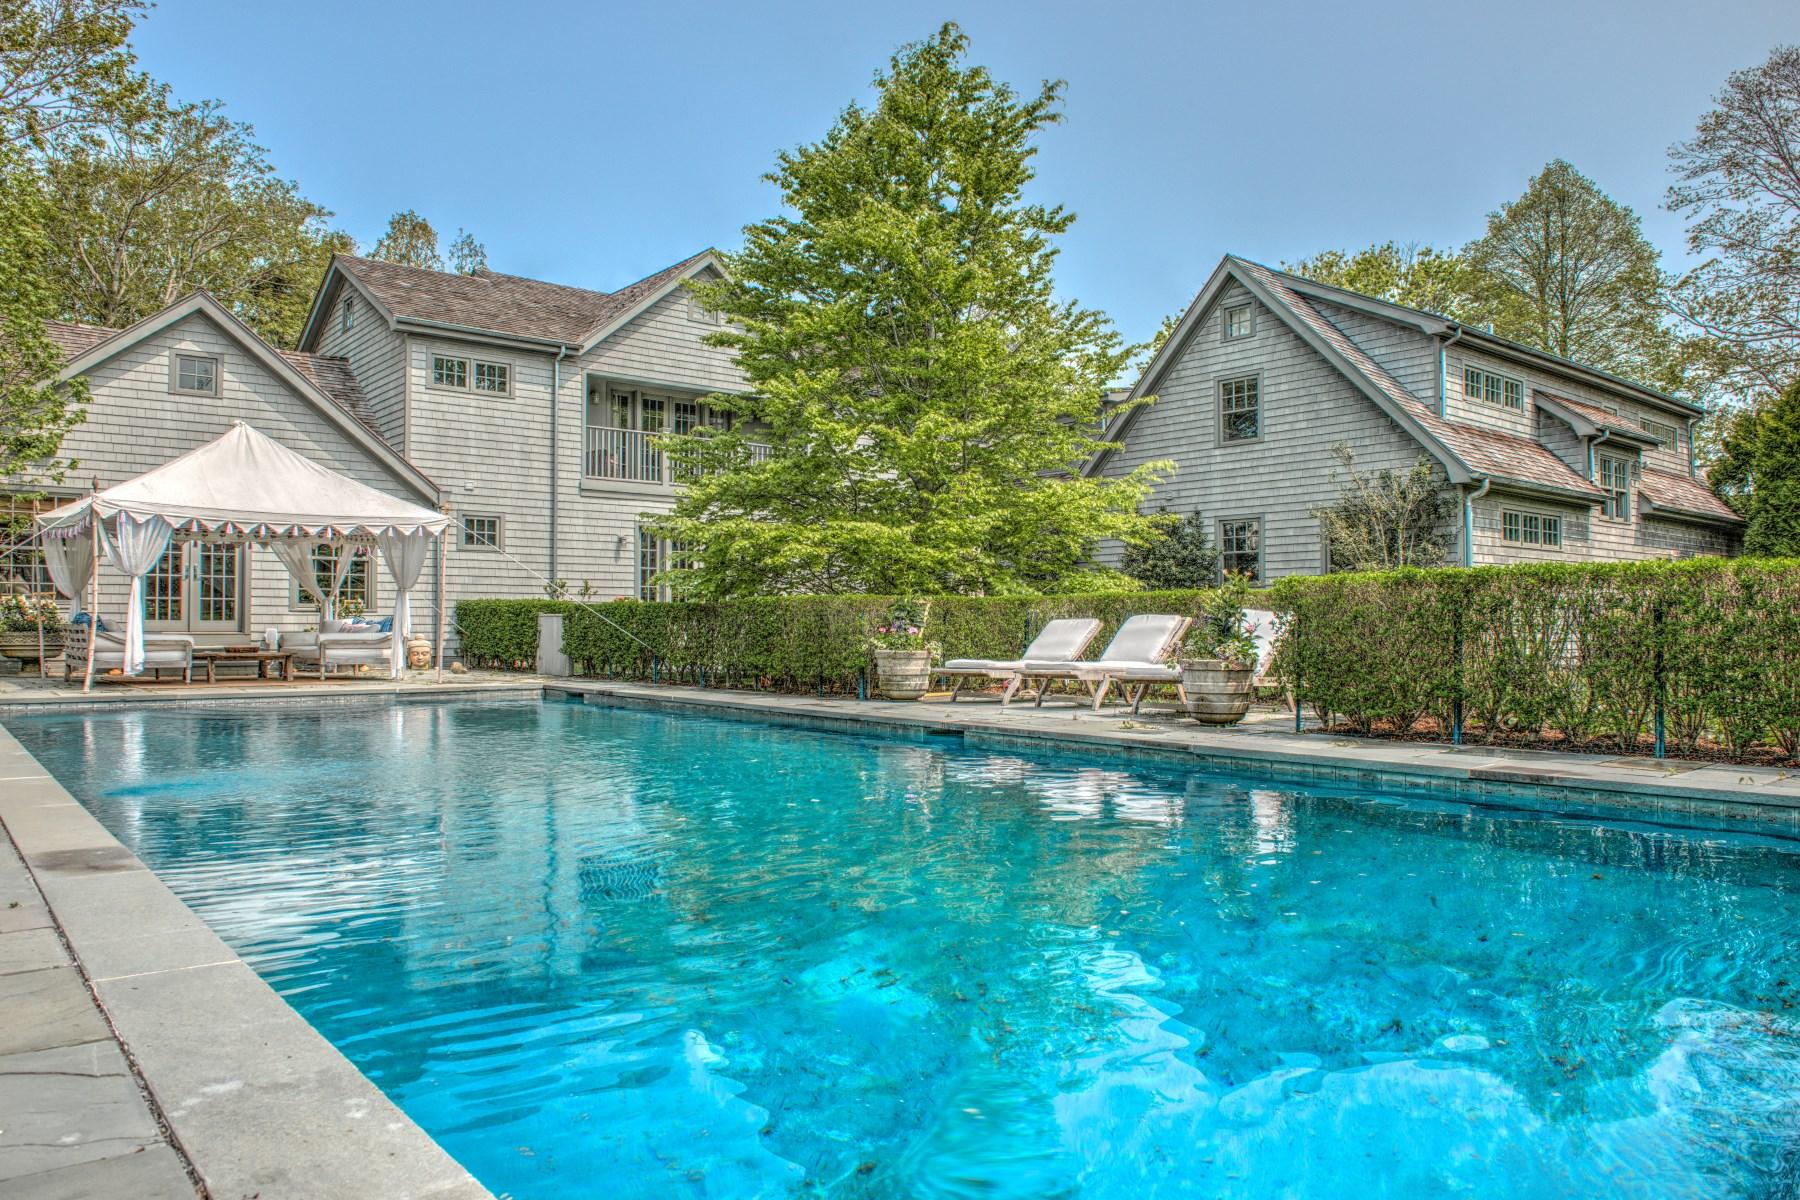 Single Family Home for Rent at Amagansett Lanes 36 Hedges Ln, Amagansett, New York, 11930 United States